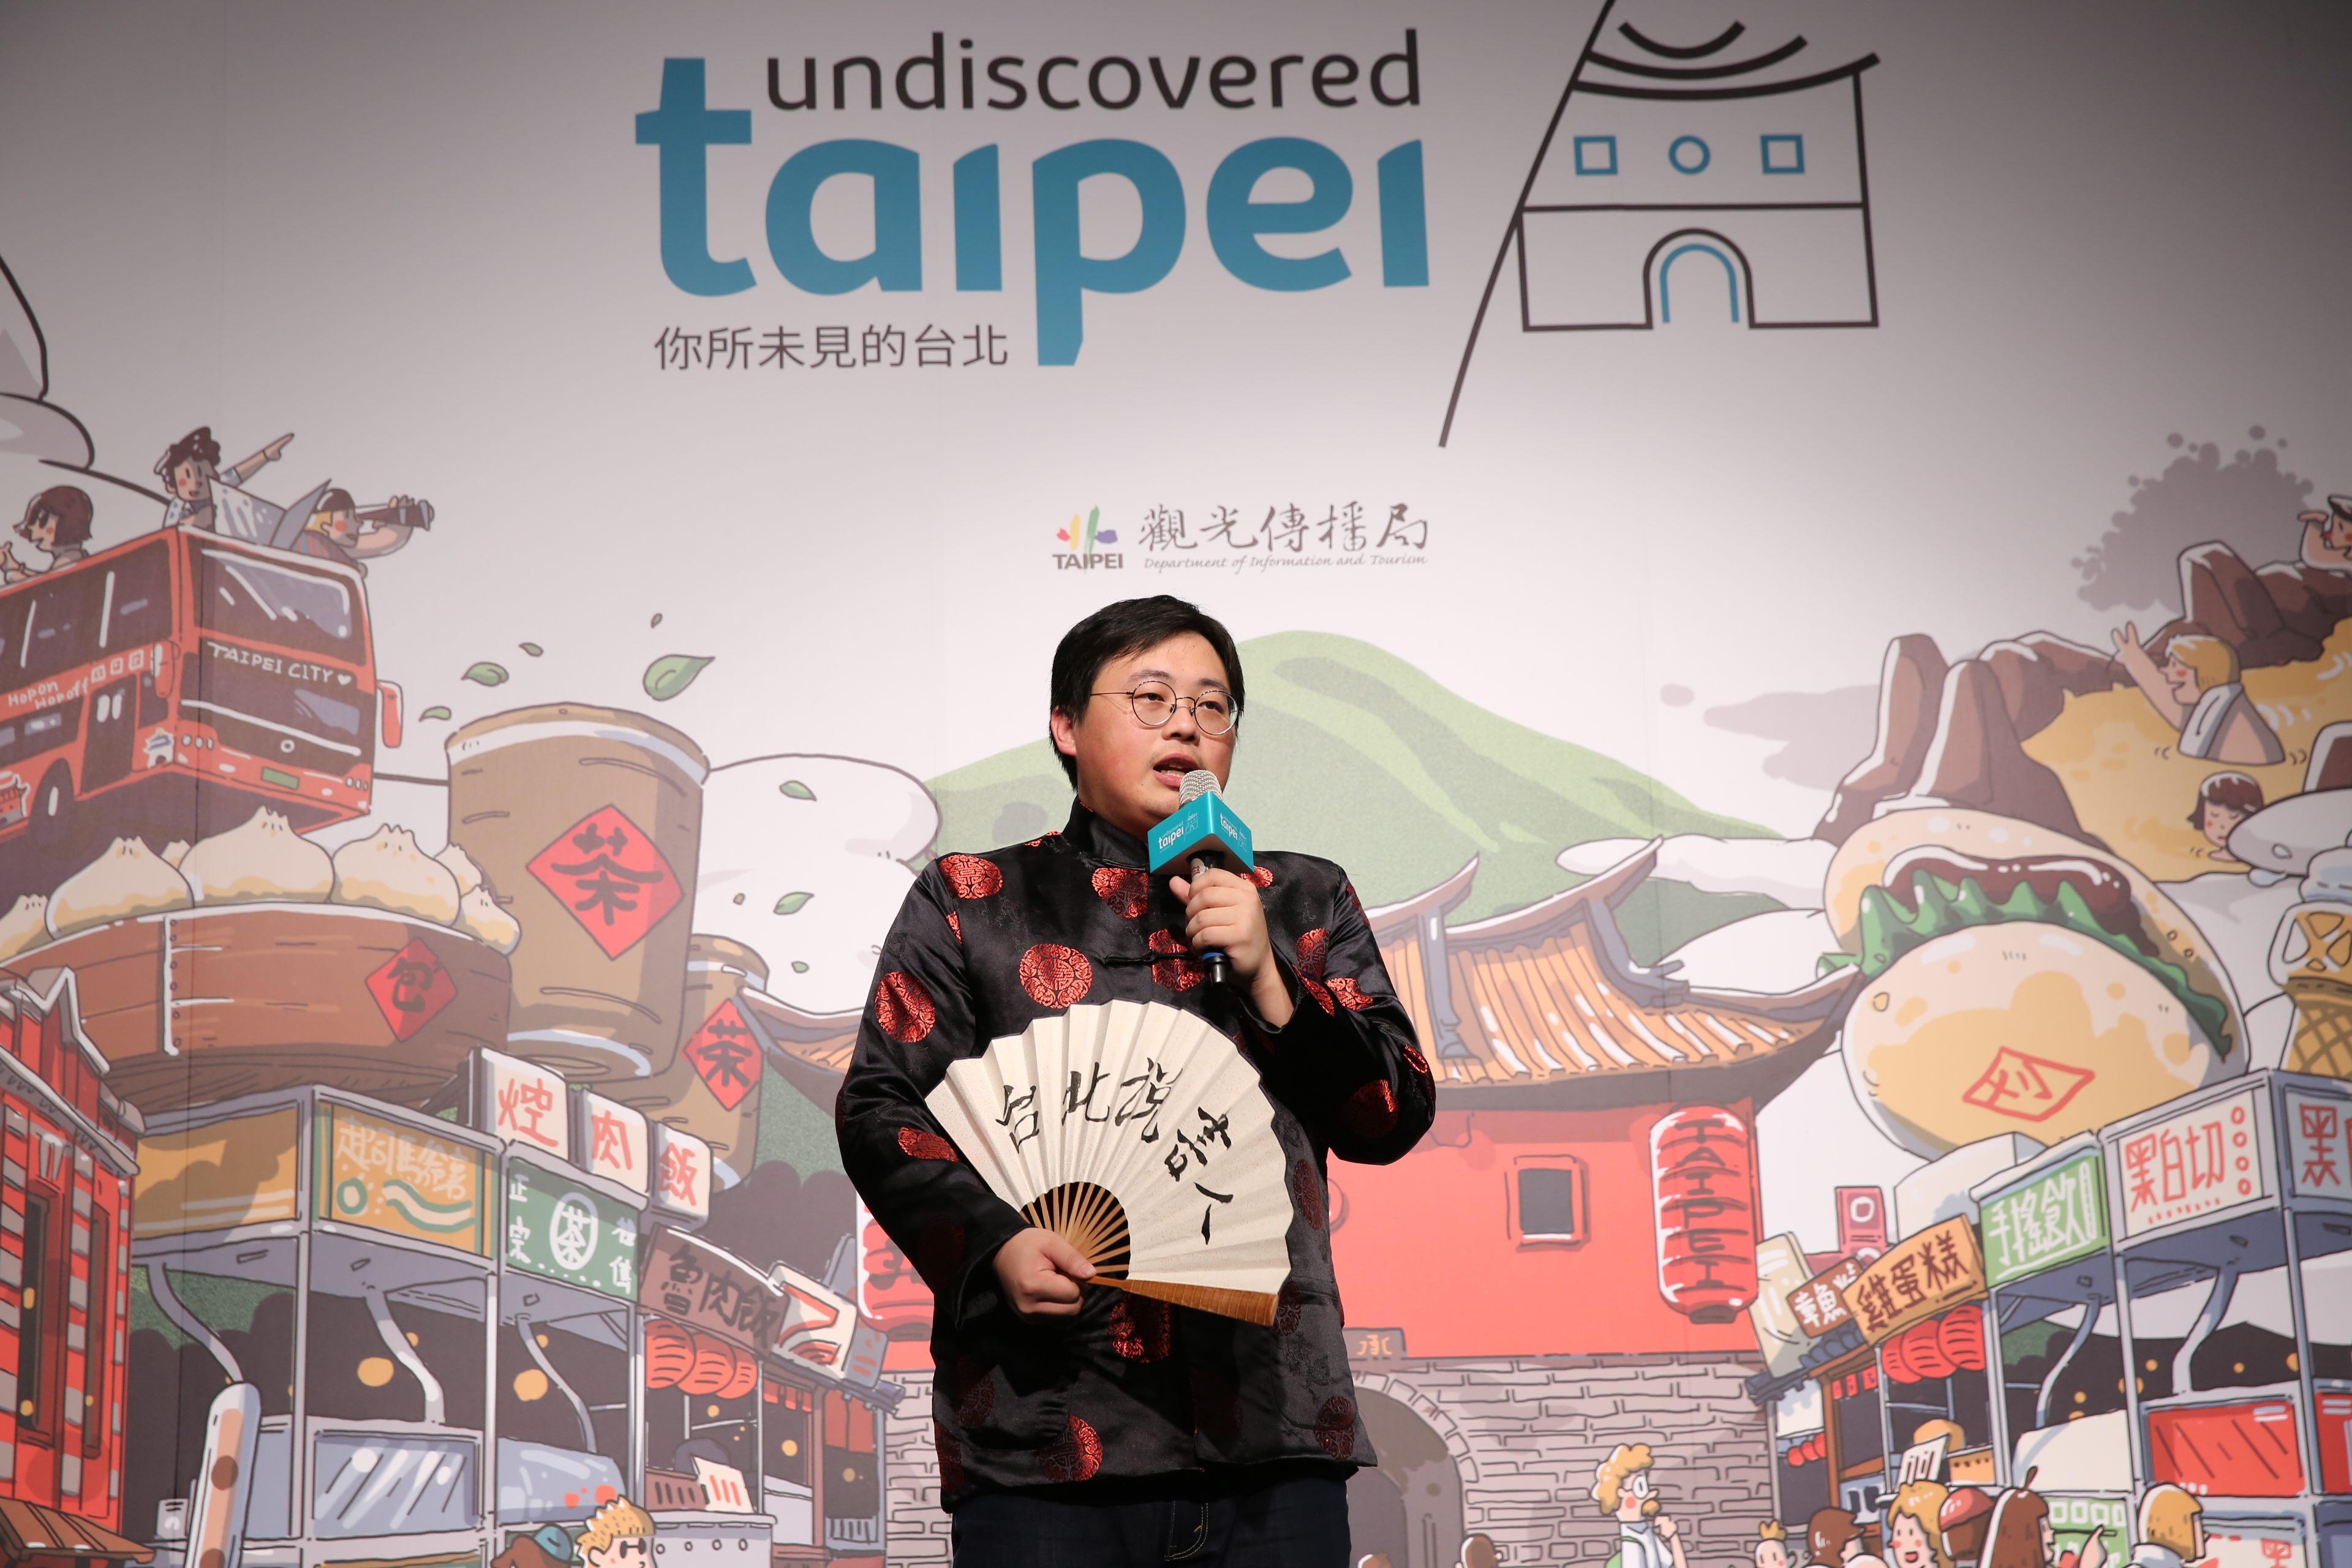 觀傳局長劉奕霆穿上唐裝化身說書人,在記者會現場帶領大家進入臺北的驚奇世界。